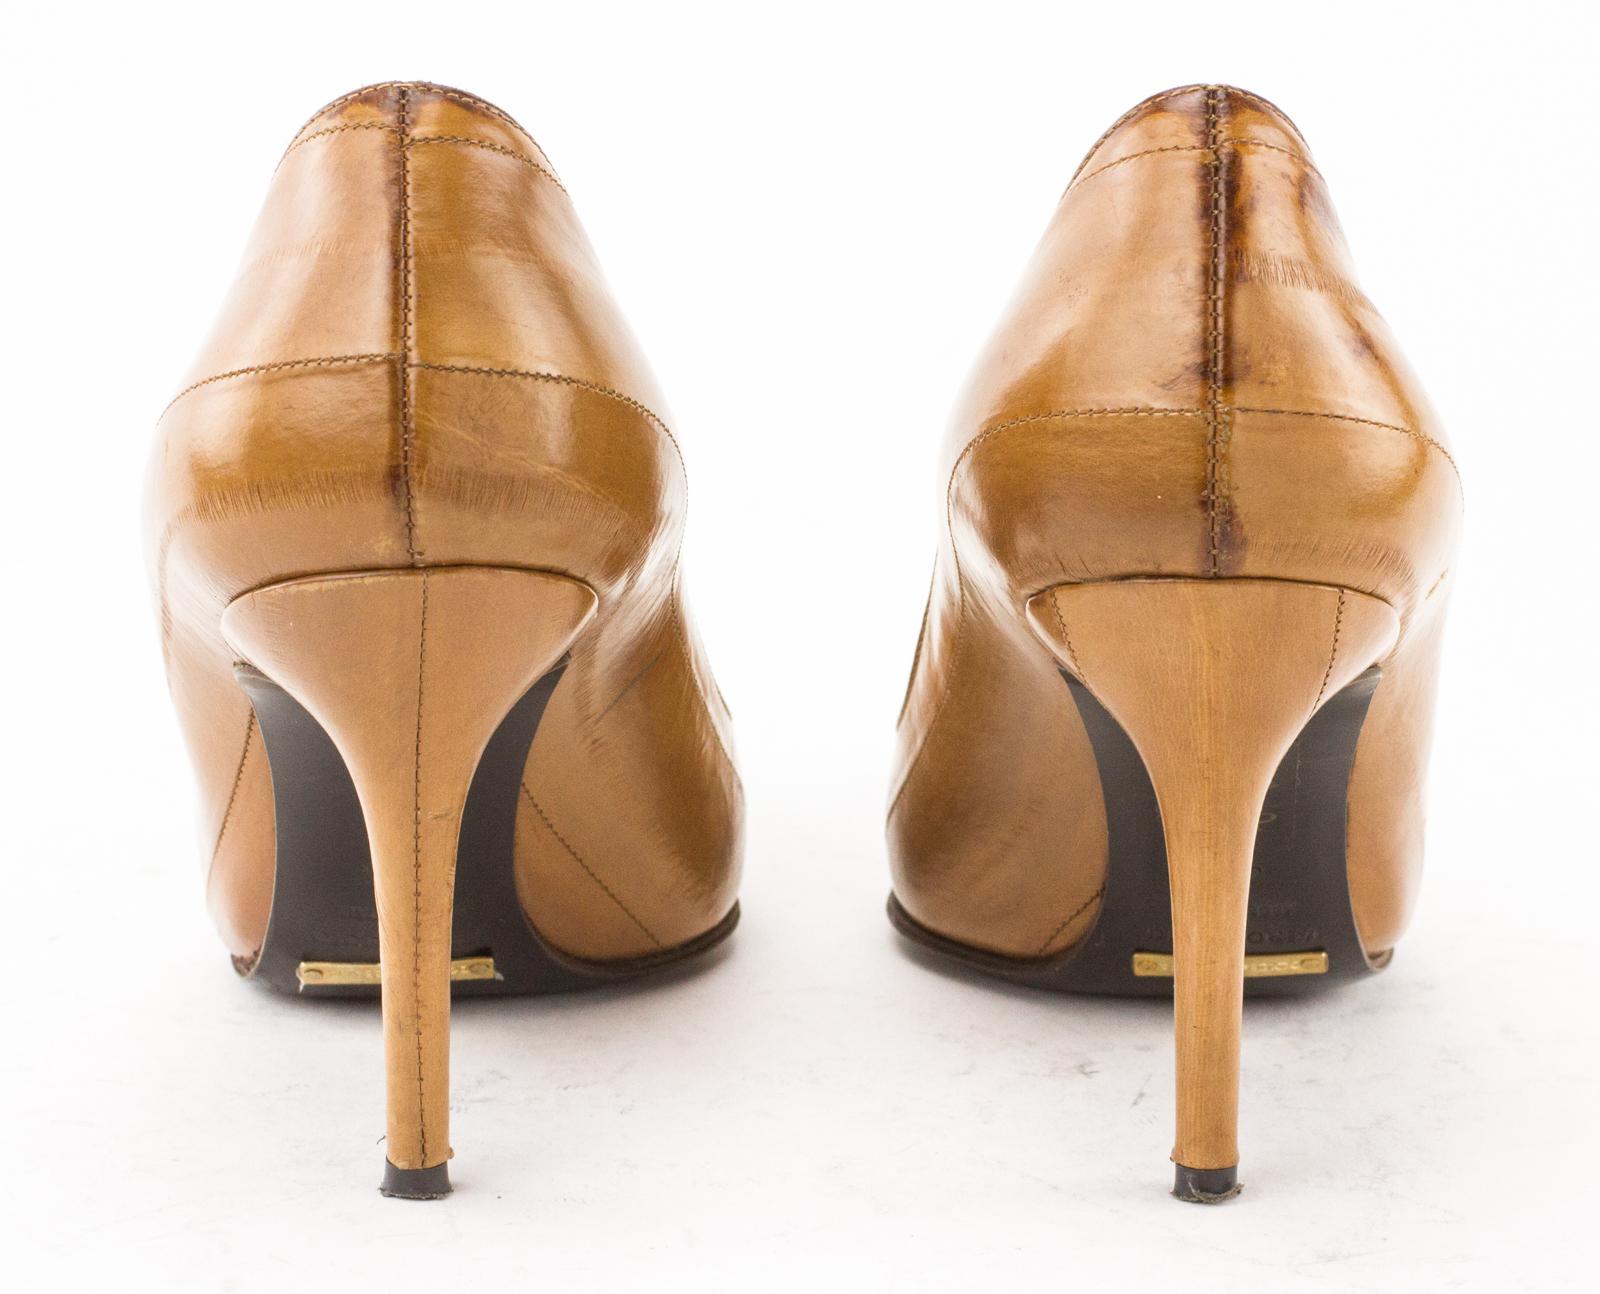 Dolce & Gabbana Eelskin Peep-Toe Pumps buy for sale 3Geb4Z9Jw